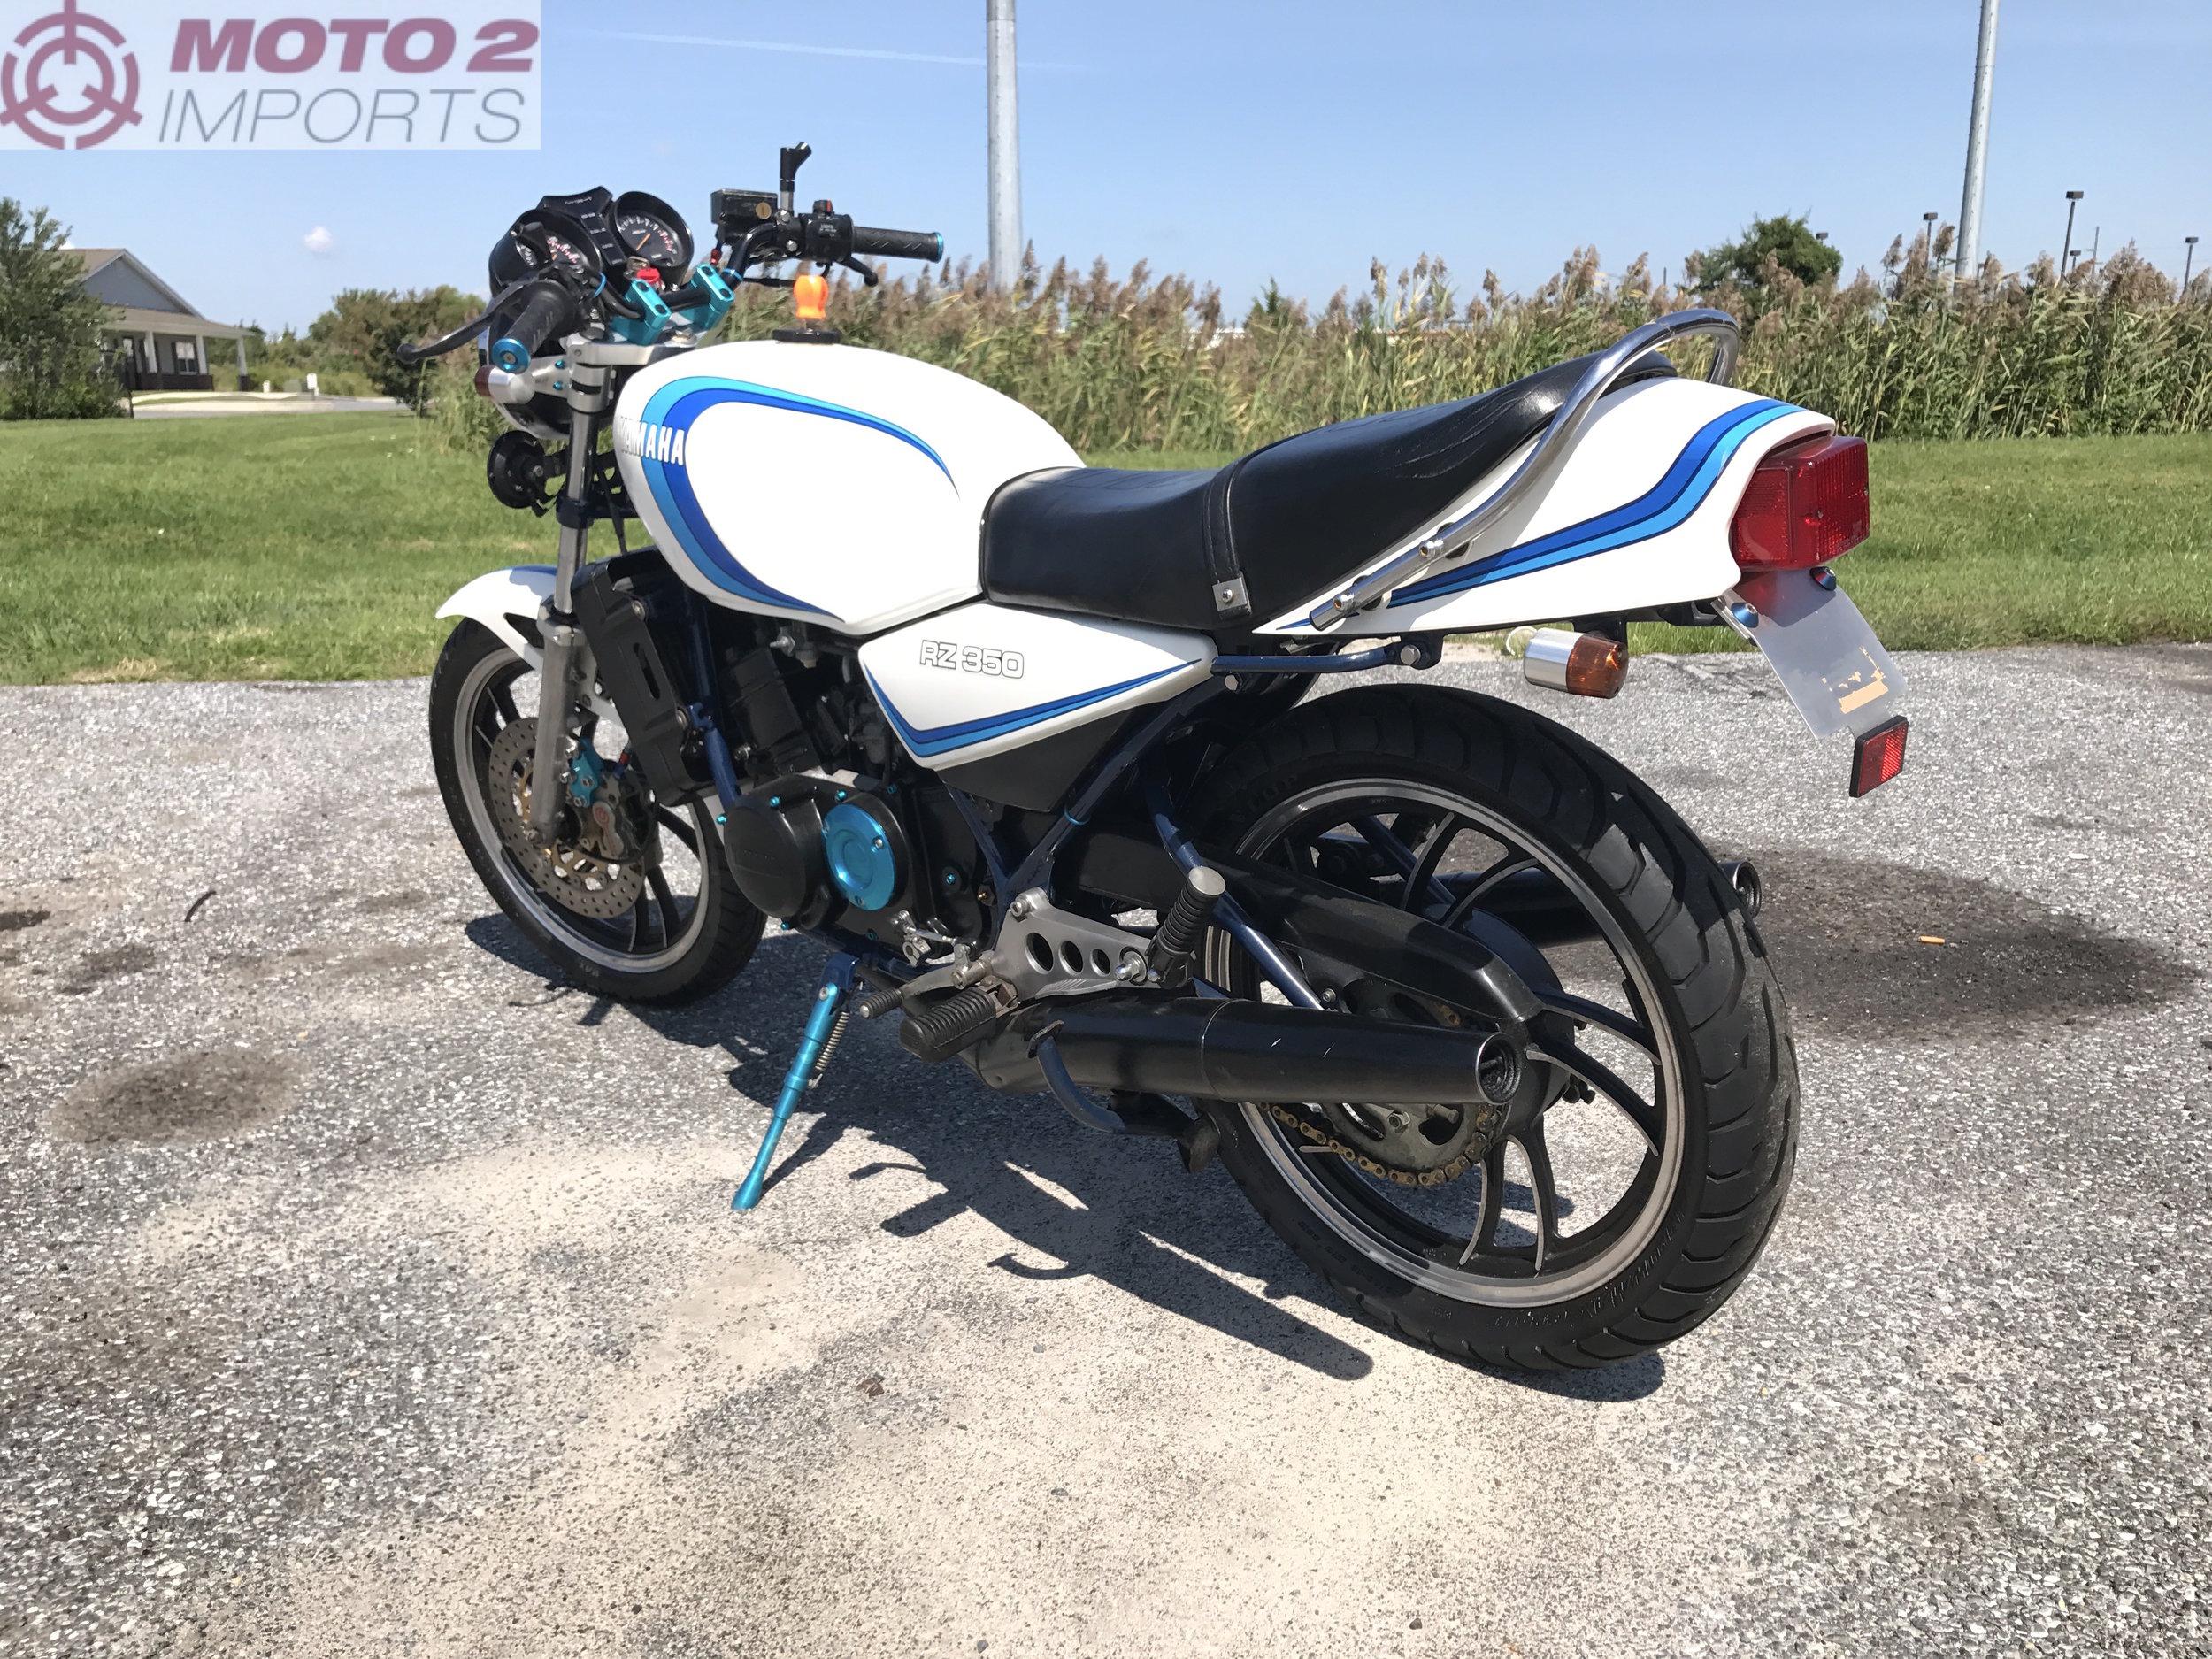 1981 Yamaha RZ350 - SOLD — Moto2 Imports